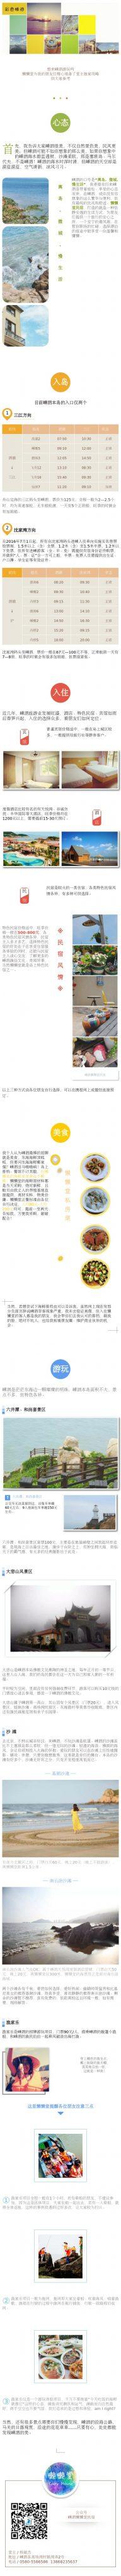 景点旅游攻略特色美食特产微信公众号图文消息模板